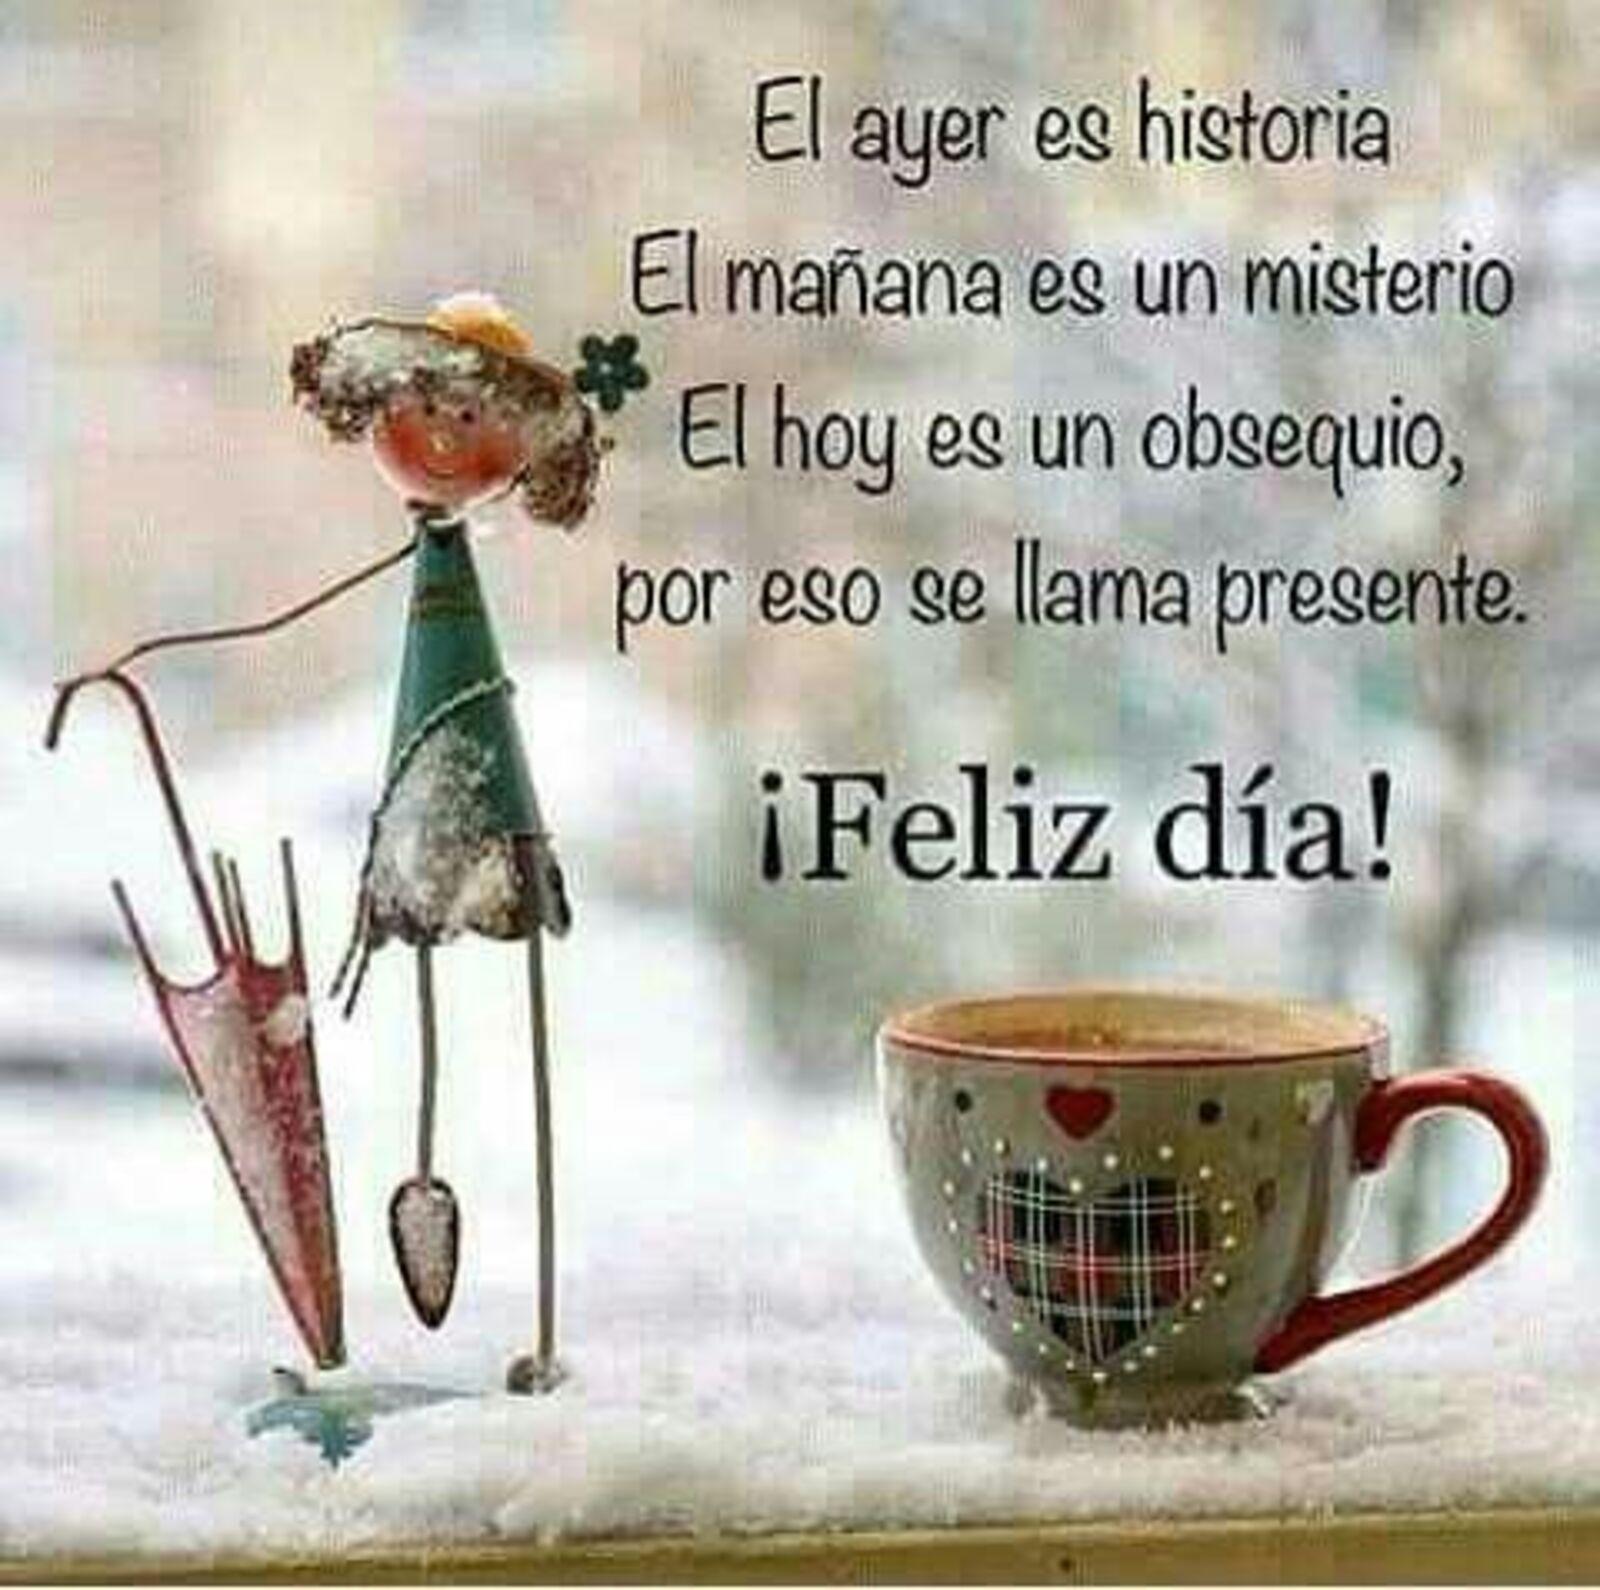 El ayer es historia, el mañana es un misterio, el hoy es obsequio, por eso se llama presente...Feliz día